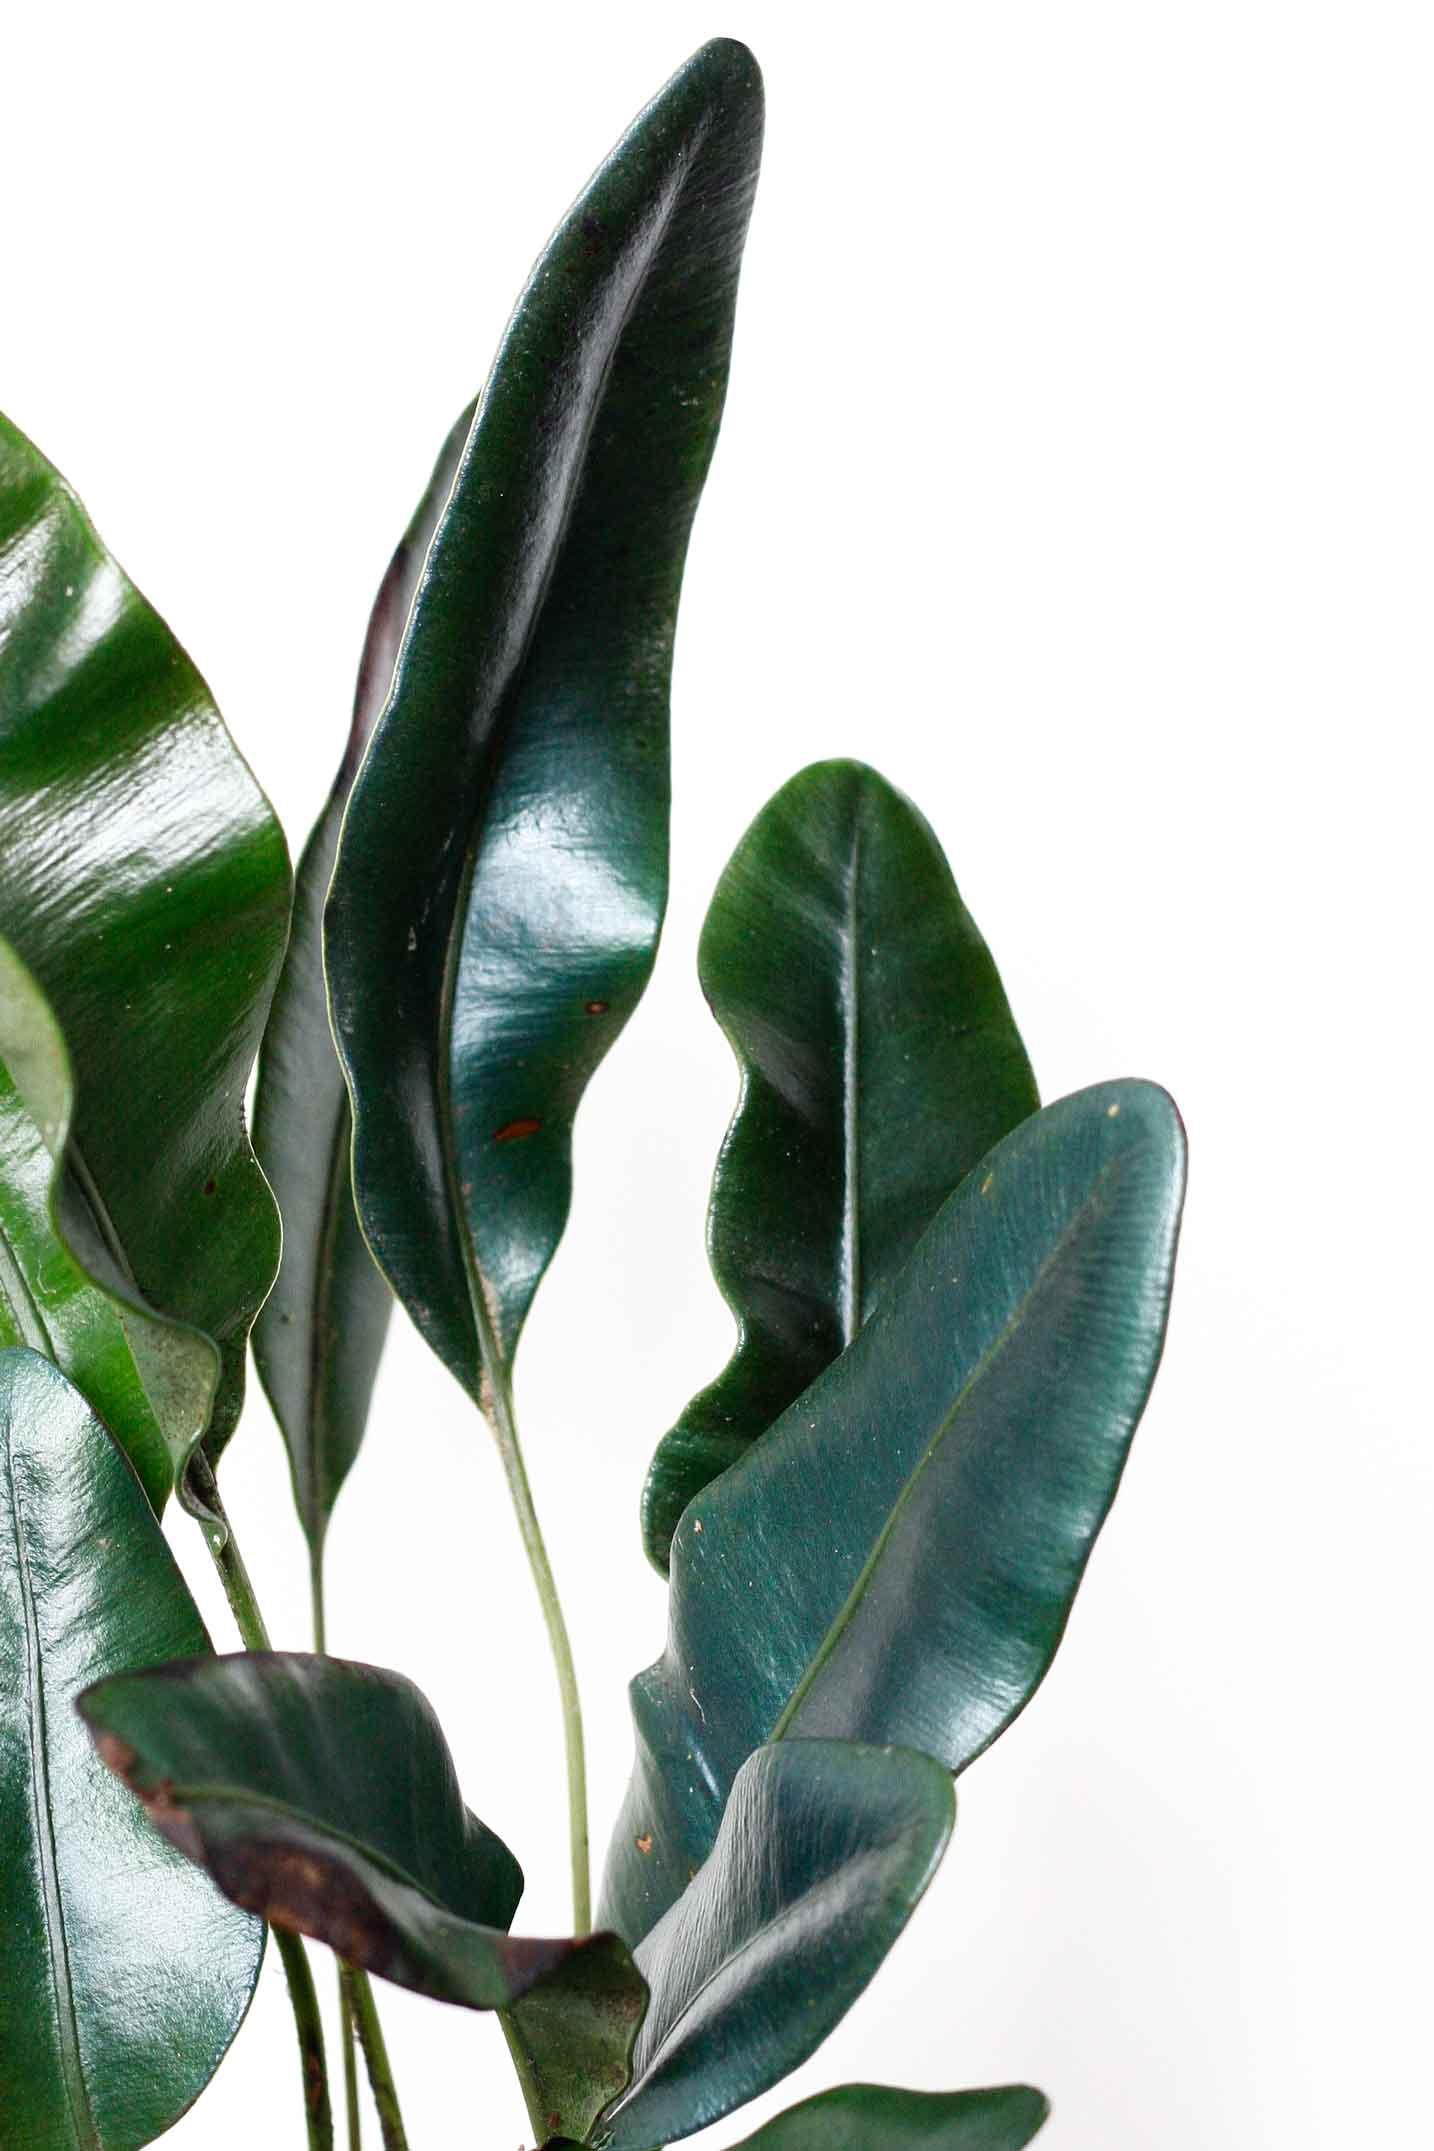 Elaphoglossum metallicum, another iridescent plant.Image© In Situ Plants